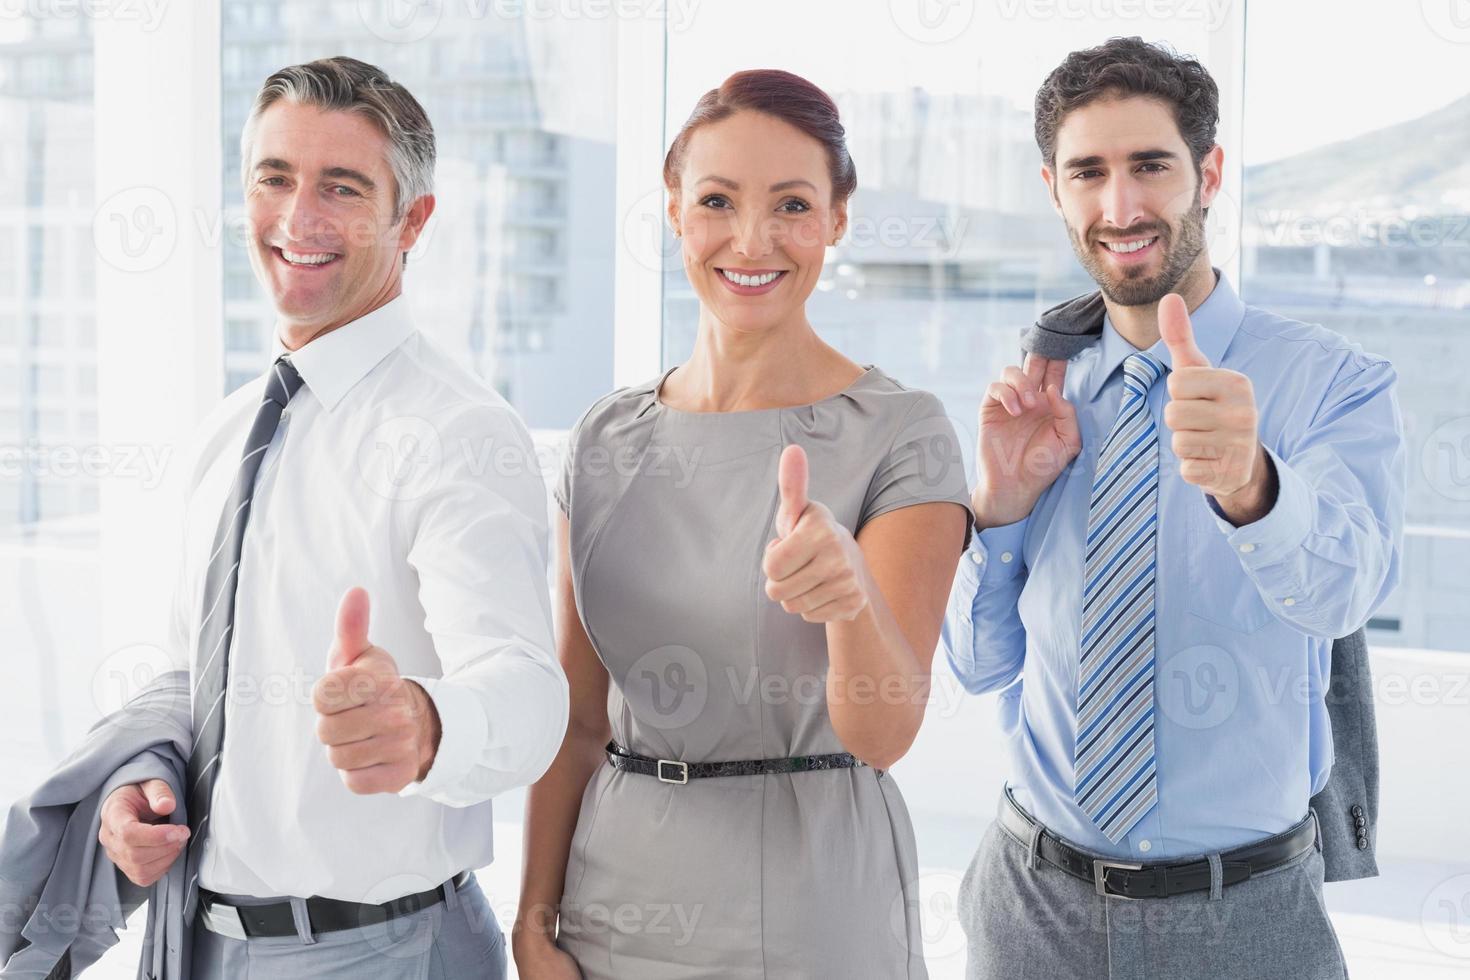 femme affaires, sourire, quoique, au travail photo